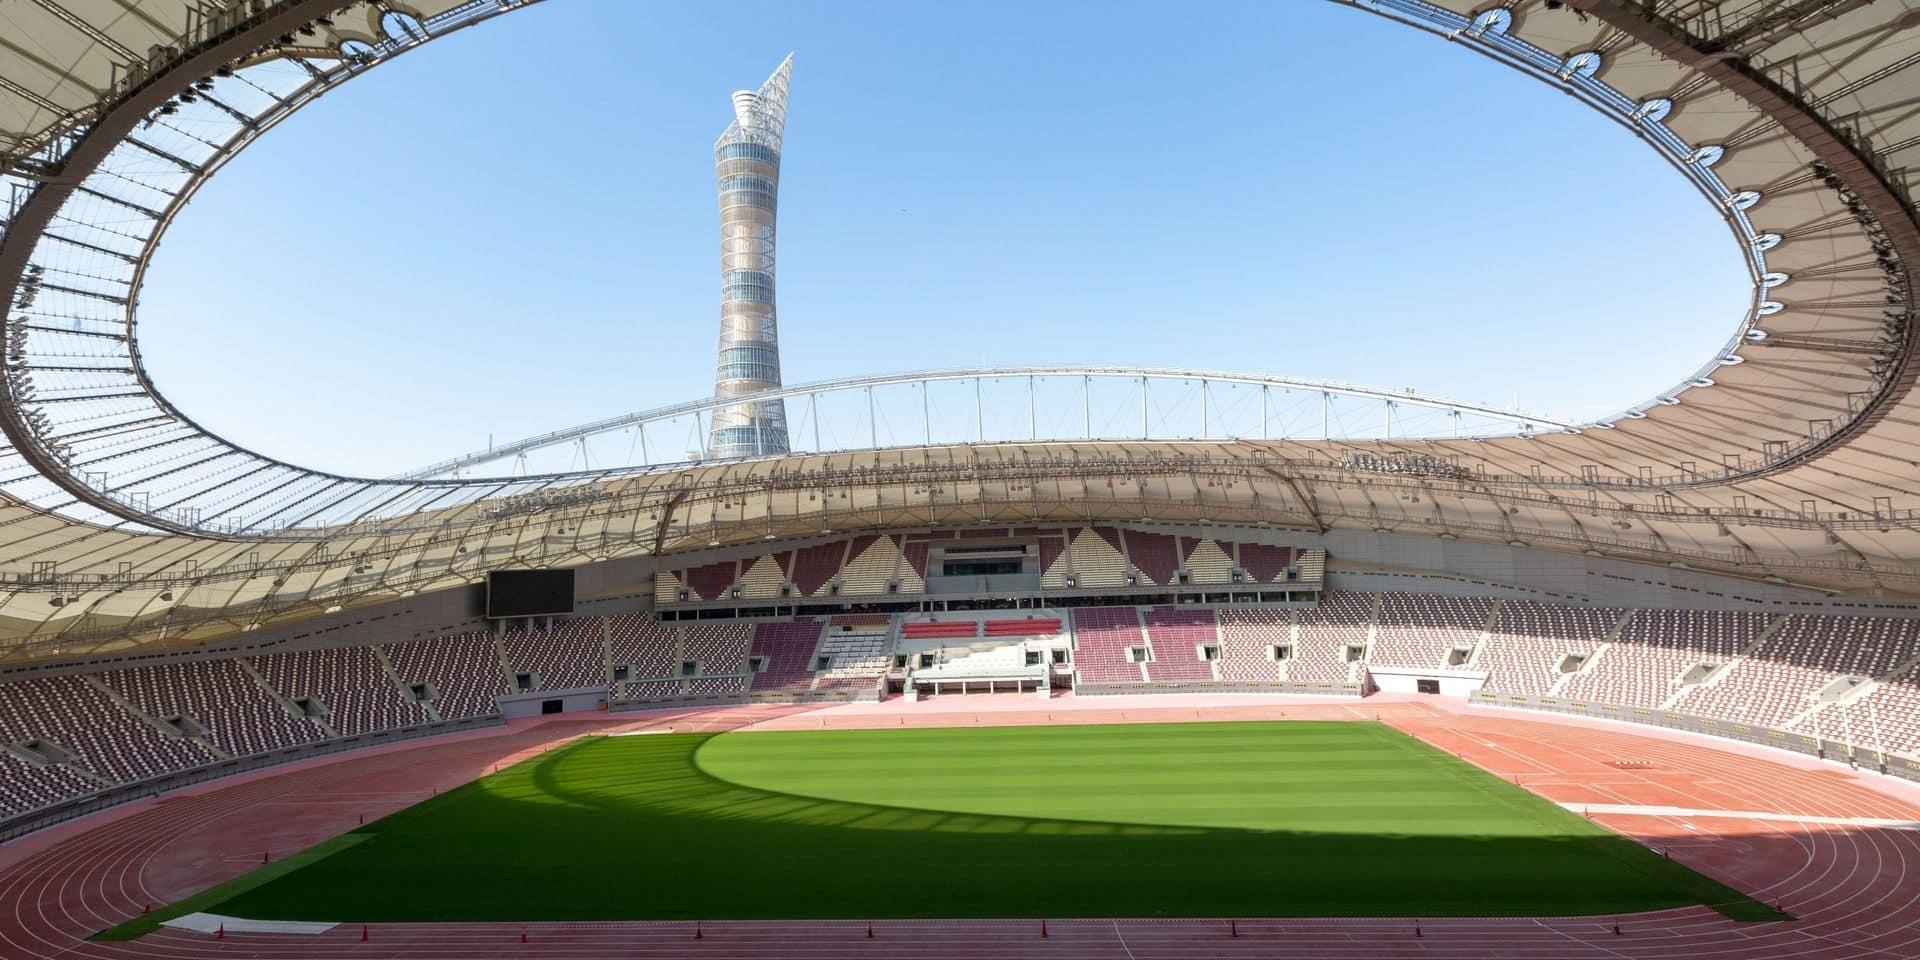 Du 21 novembre au 18 décembre, 4 matches par jour, 8 stades: le calendrier de la Coupe du Monde 2022 dévoilé par la Fifa